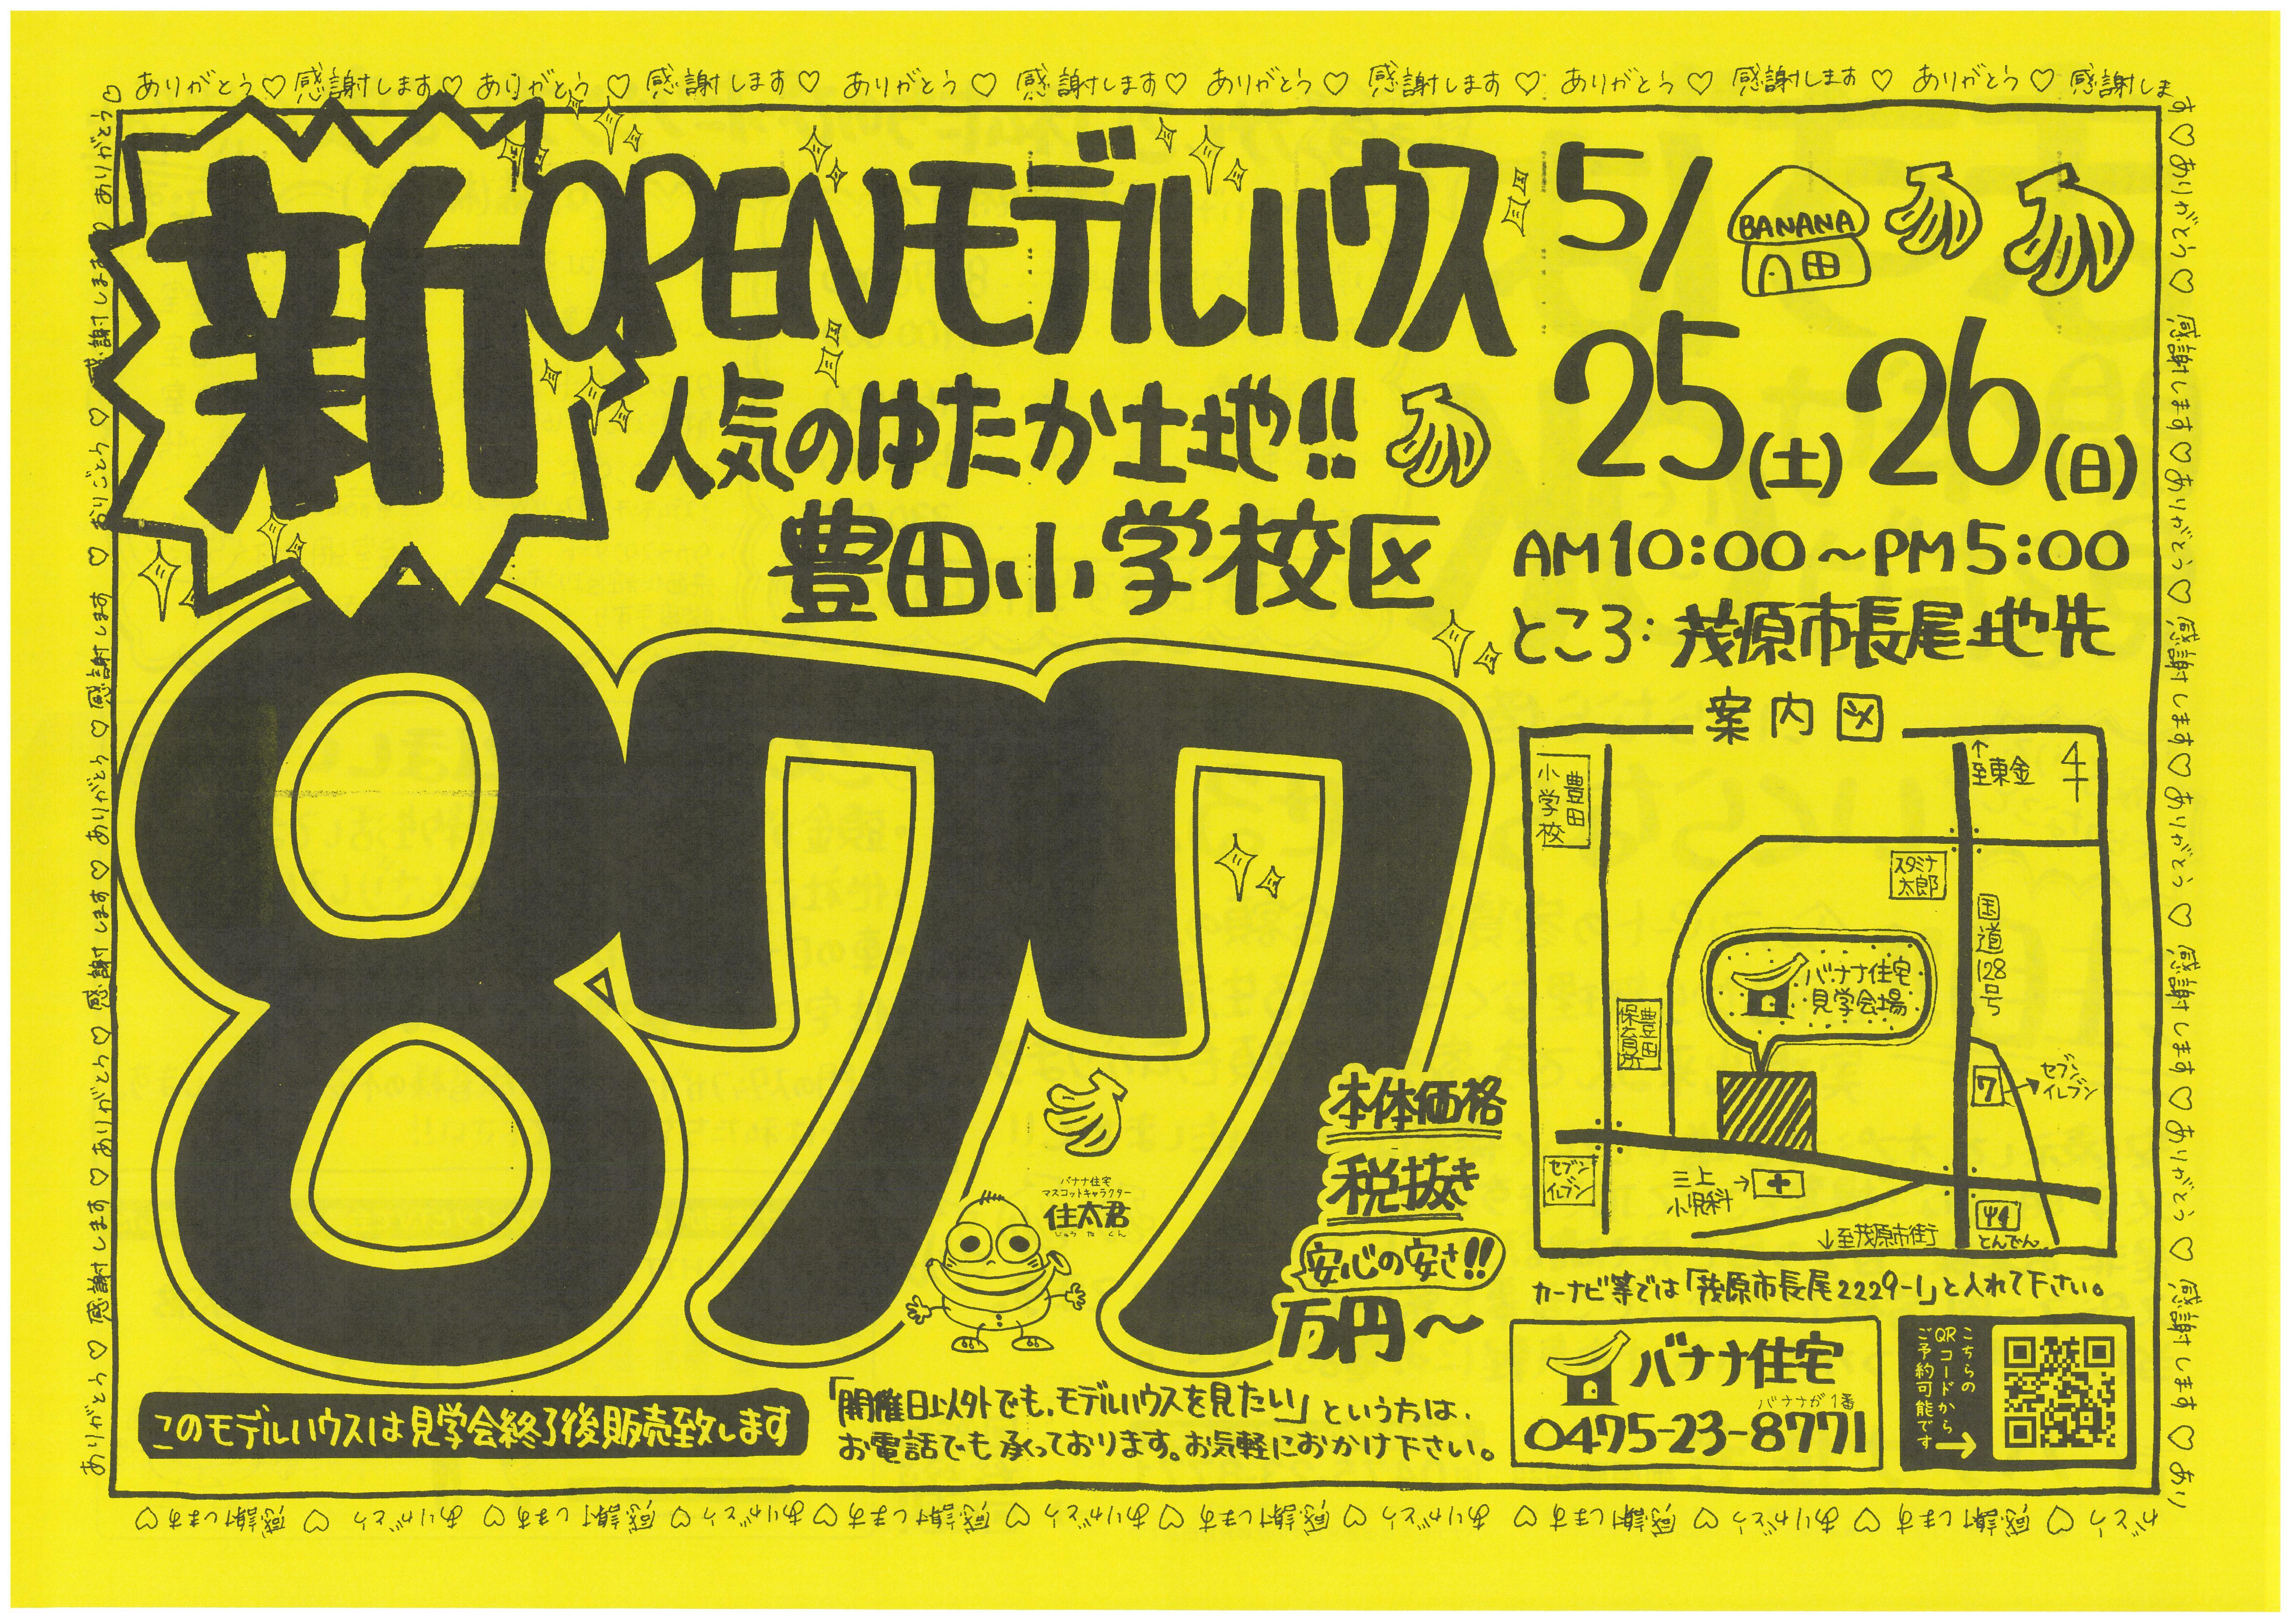 バナナ住宅モデルハウス公開!5月25日~26日